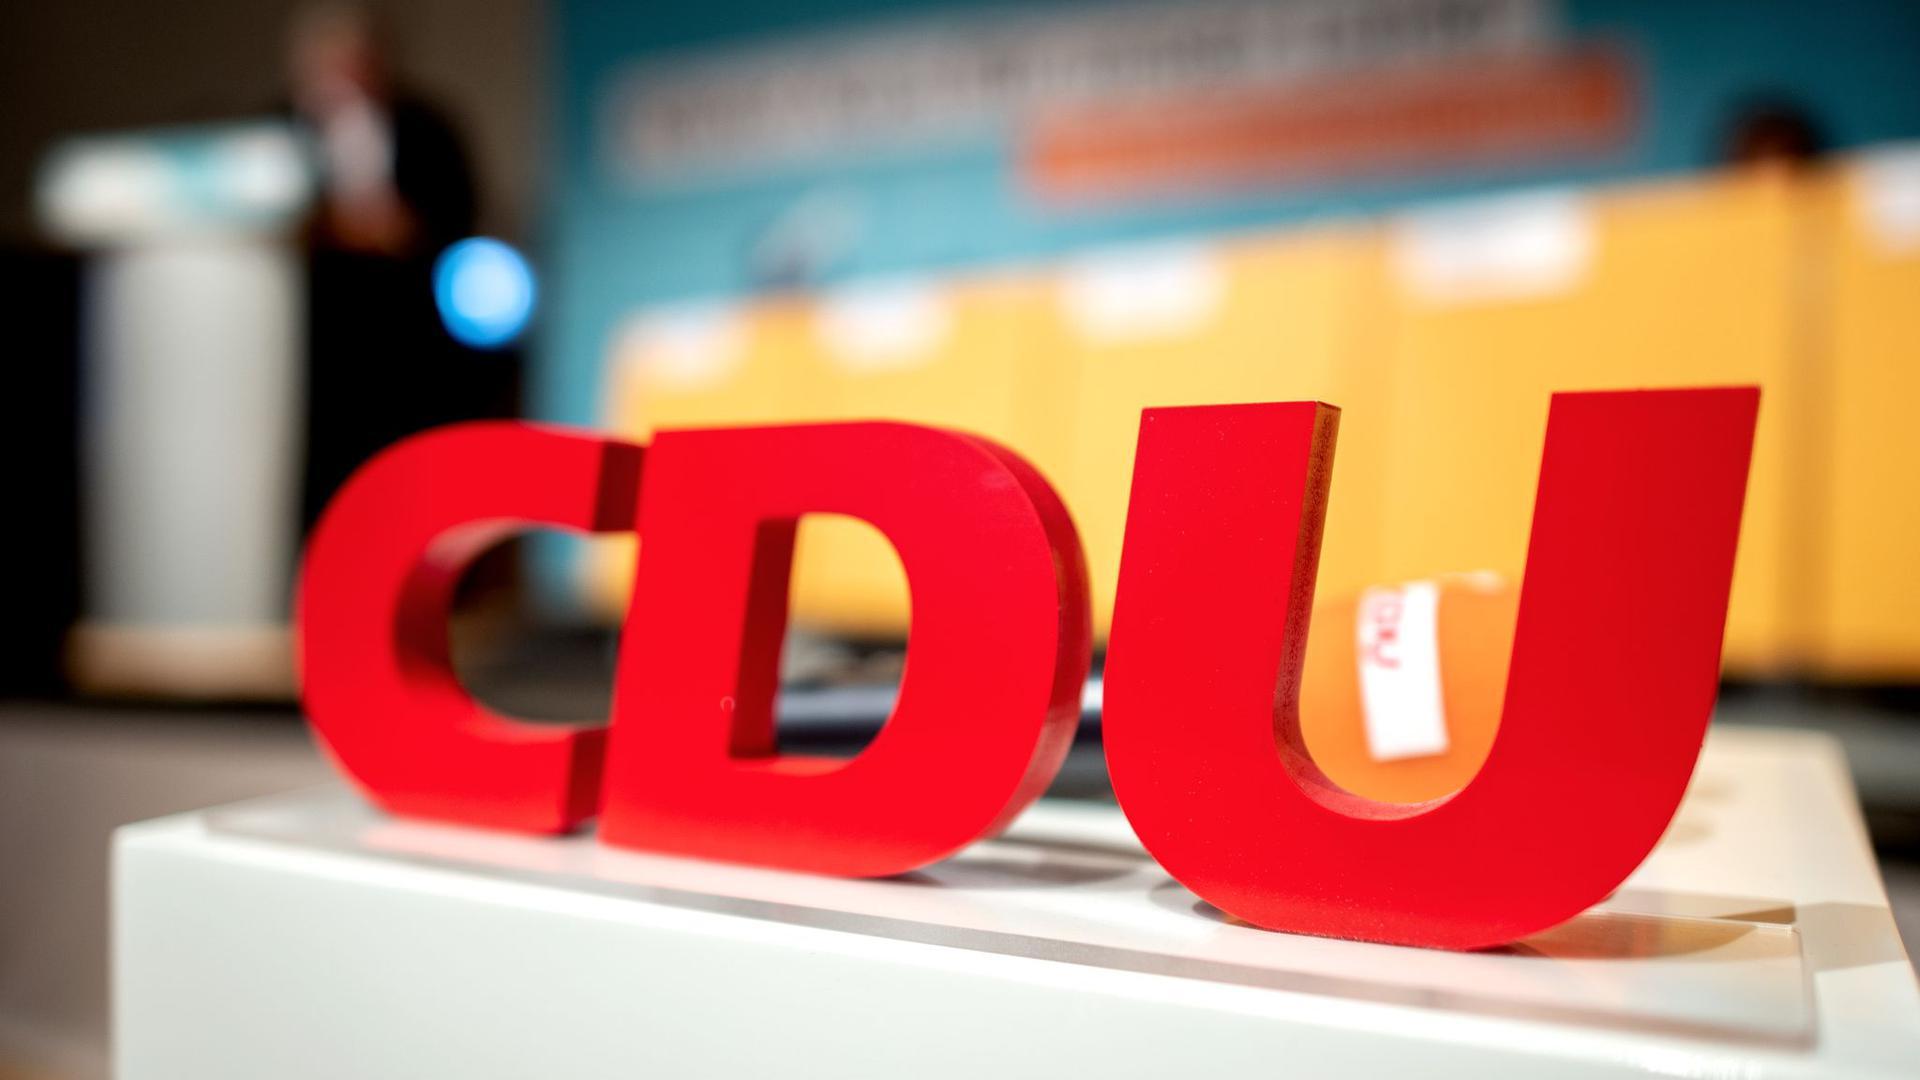 Eine Woche vor den Landtagswahlen in Baden-Württemberg und Rheinland-Pfalz hat die CDU mit Problemen zu kämpfen.